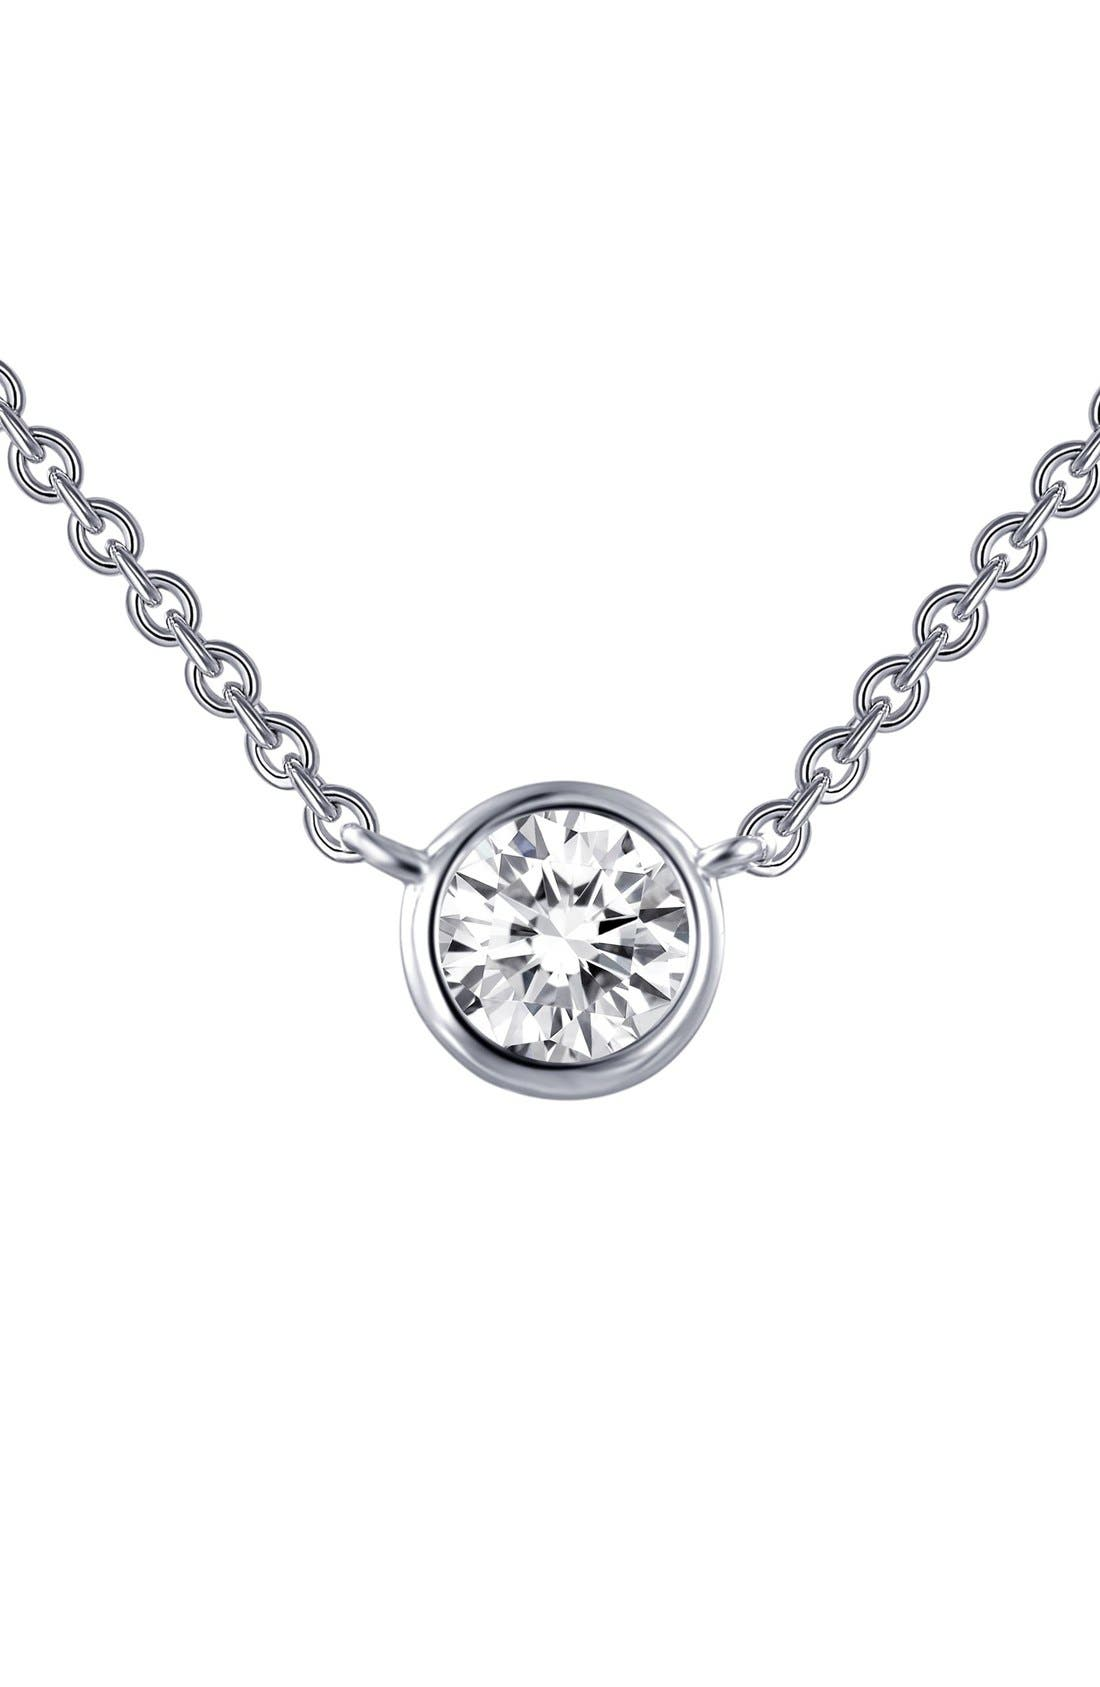 LAFONN Cubic Zirconia Pendant Necklace